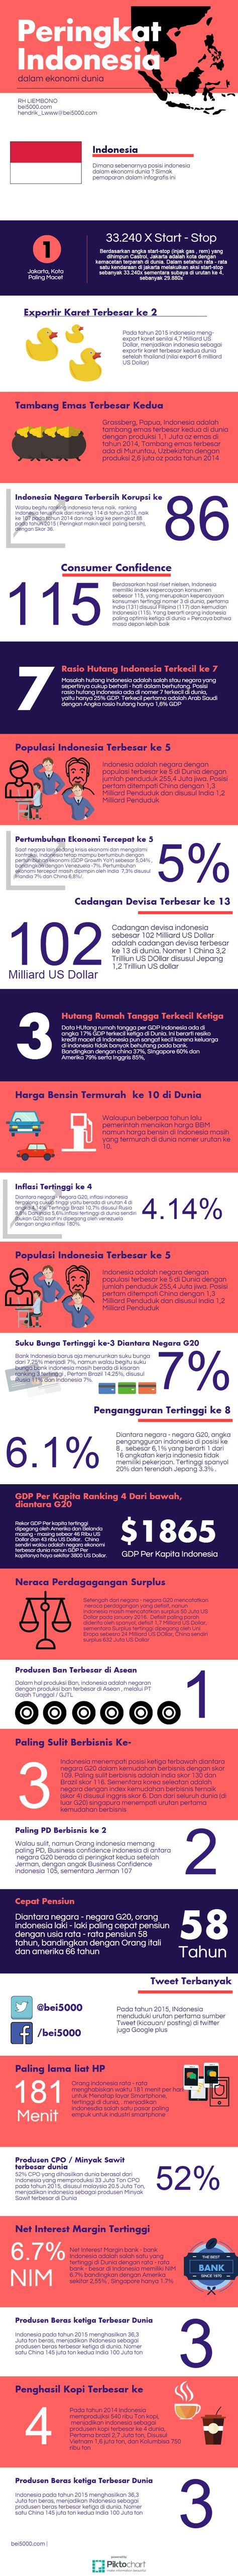 info grafik baik buruk 27 posisi indonesia dalam ekonomi dunia fakta sejarah dunia indonesia